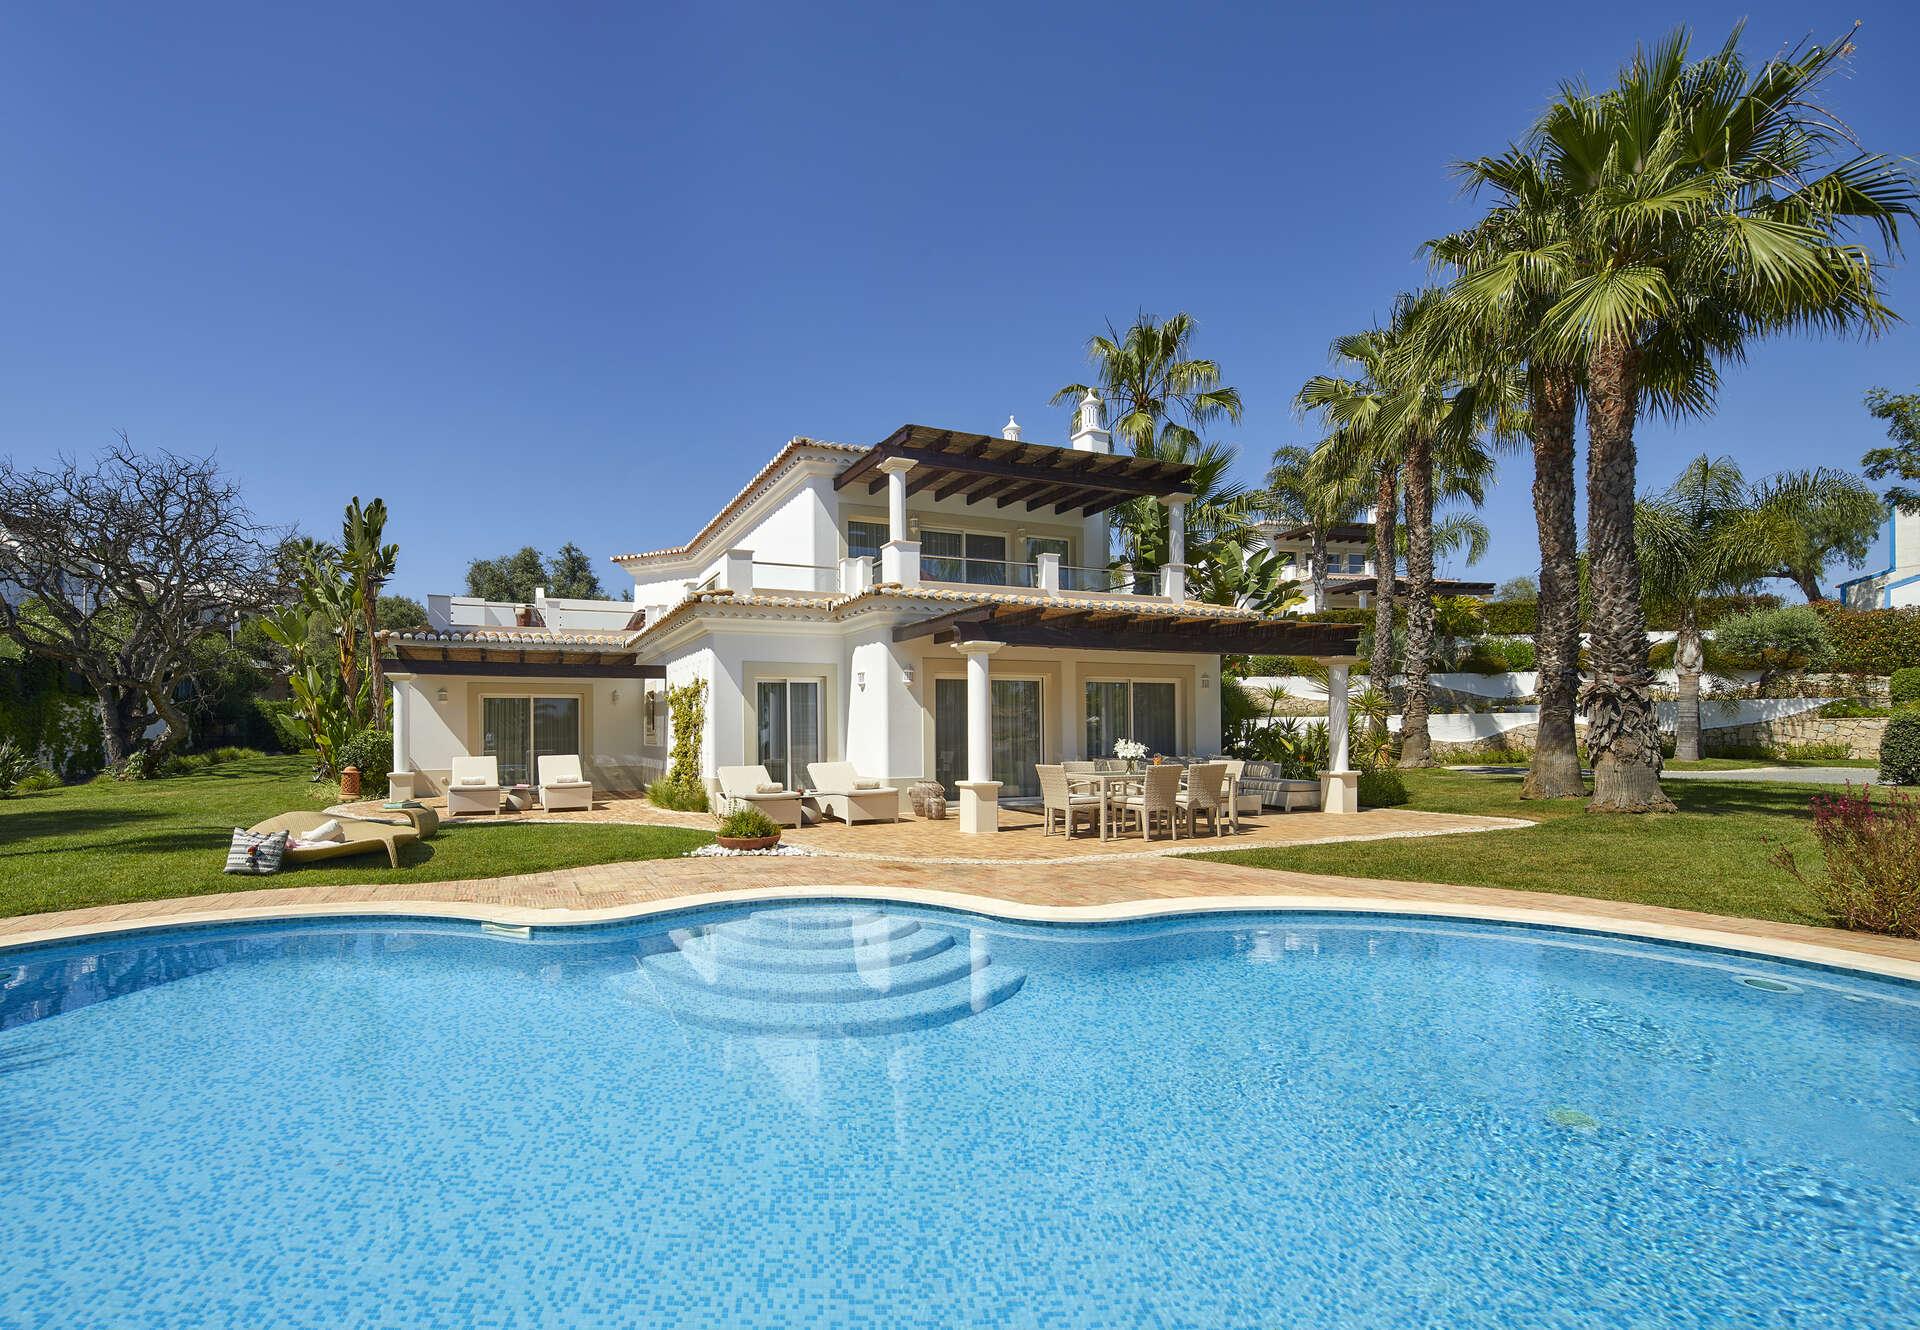 Luxury vacation rentals europe - Portugal - Algarve - Vila vita parc - Vilas Atlantico - Image 1/13